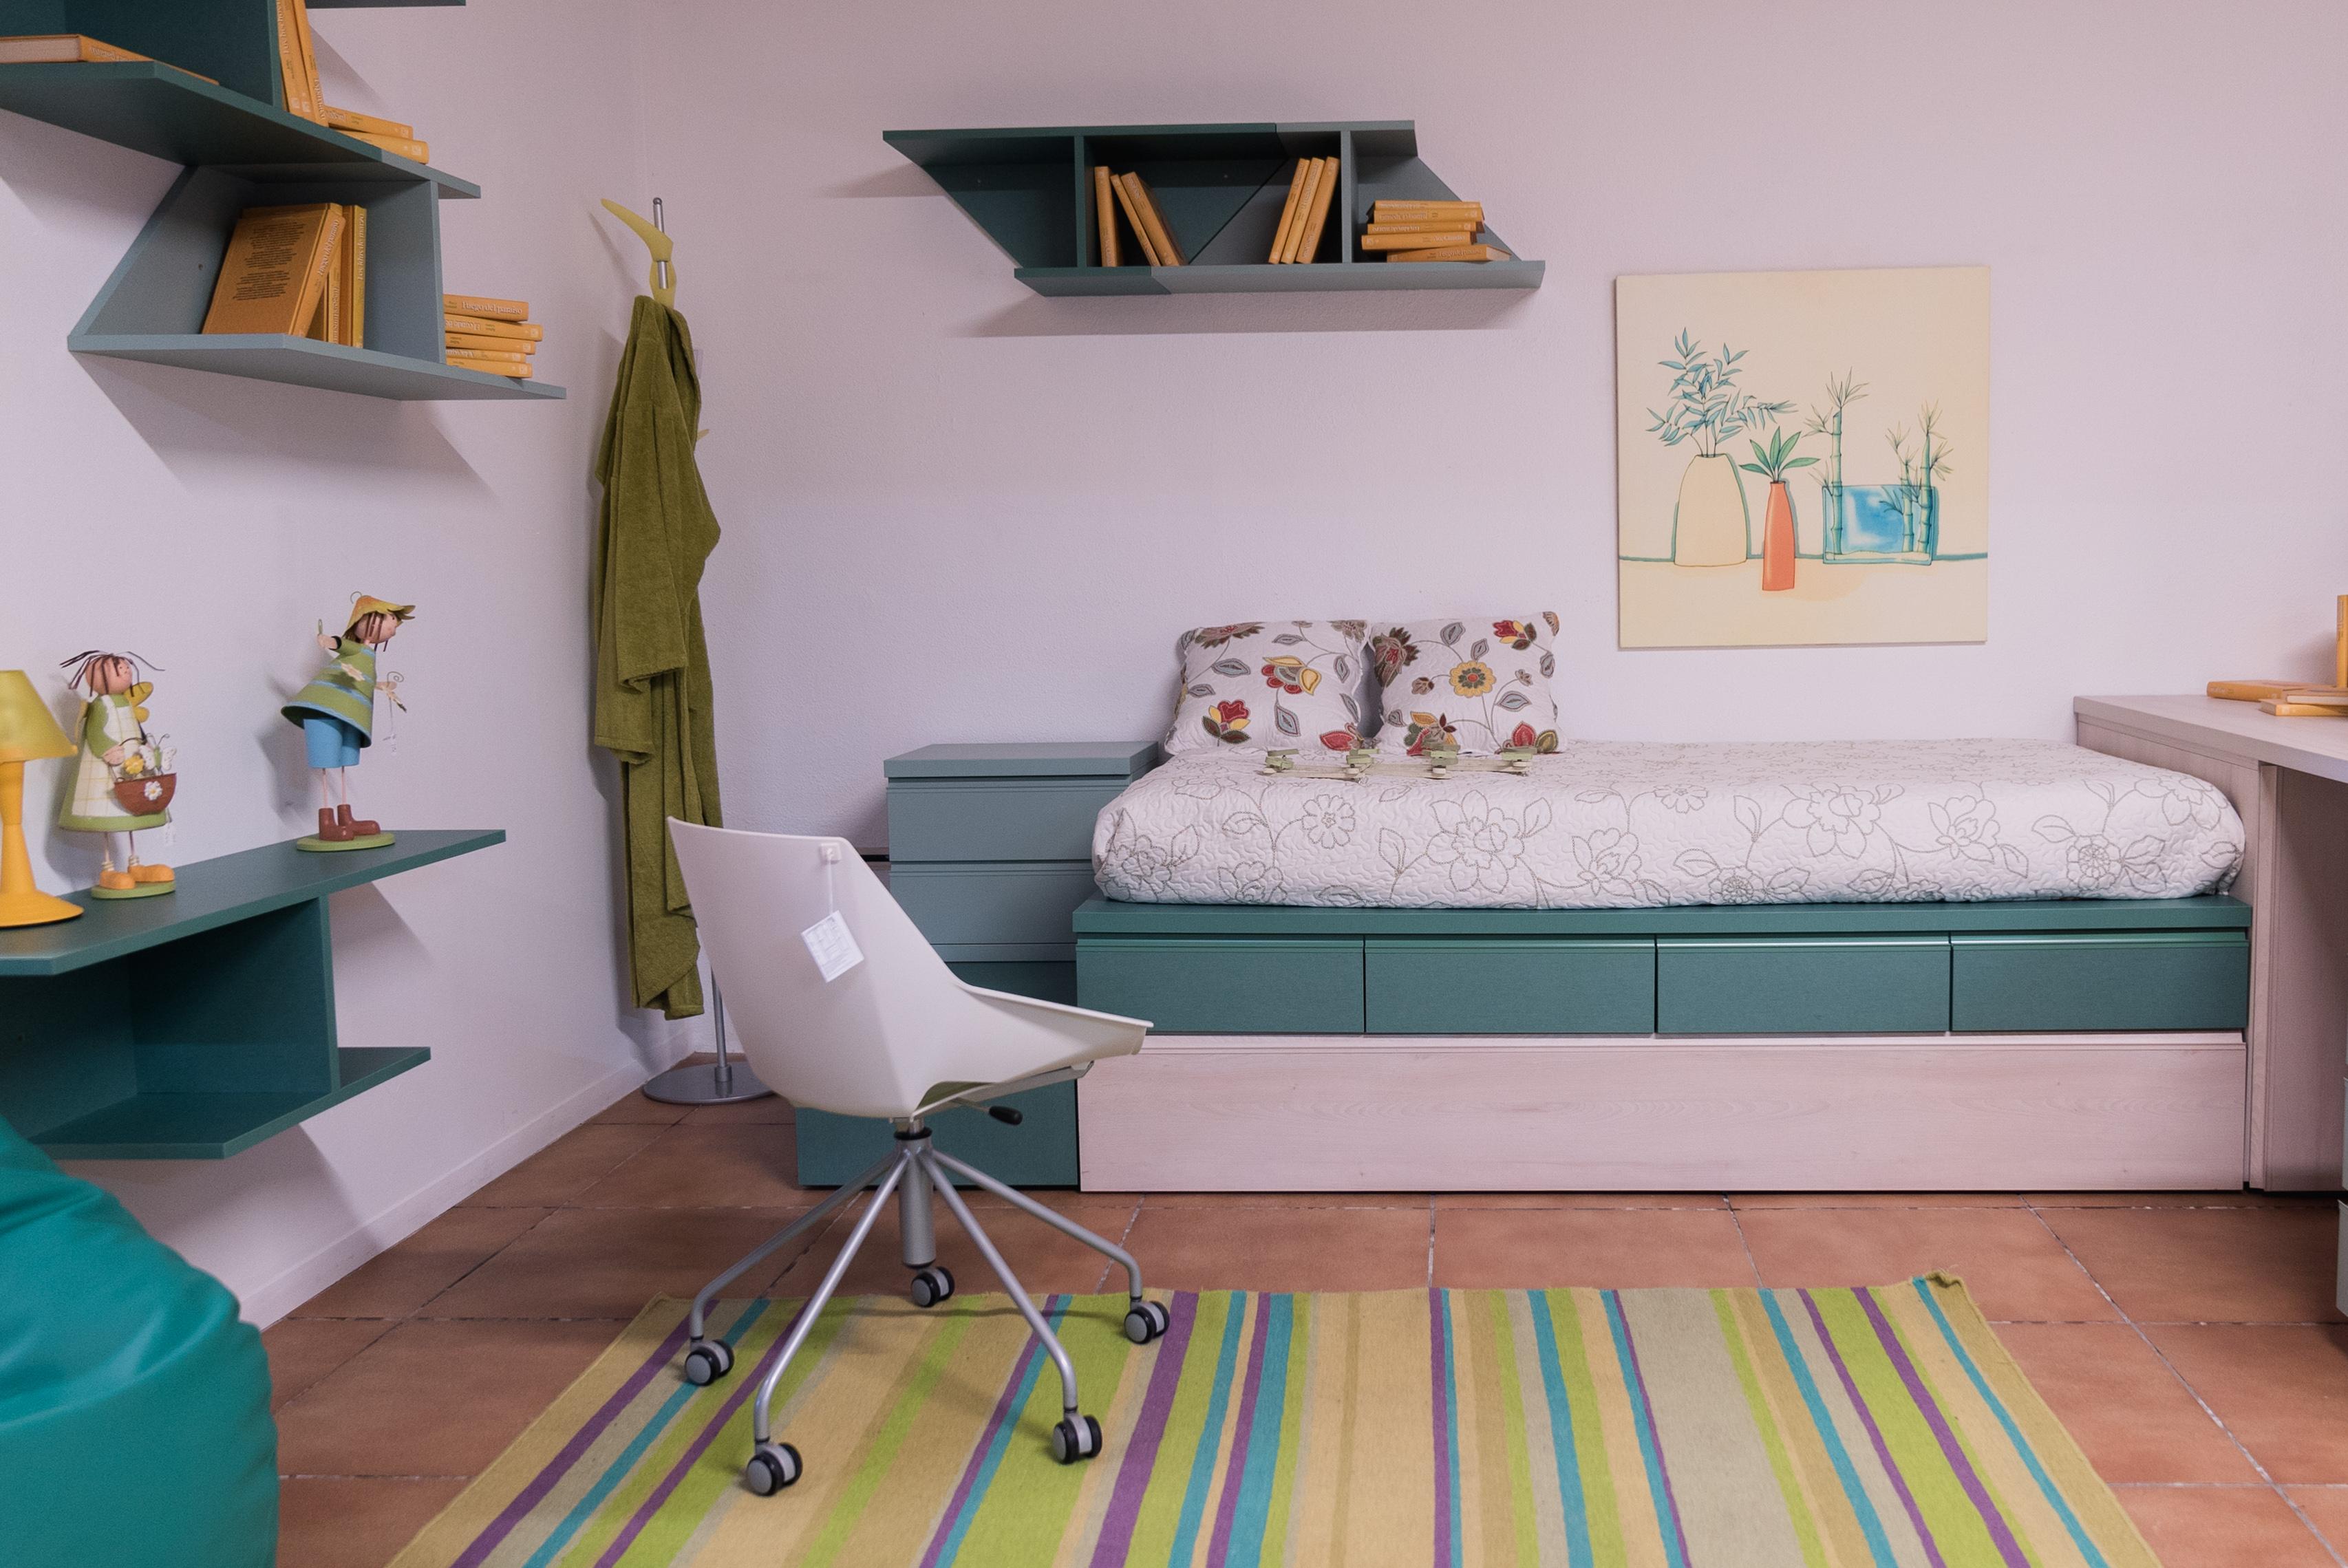 Moble pels més petits que podreu trobar a la nostra exposició de mobles